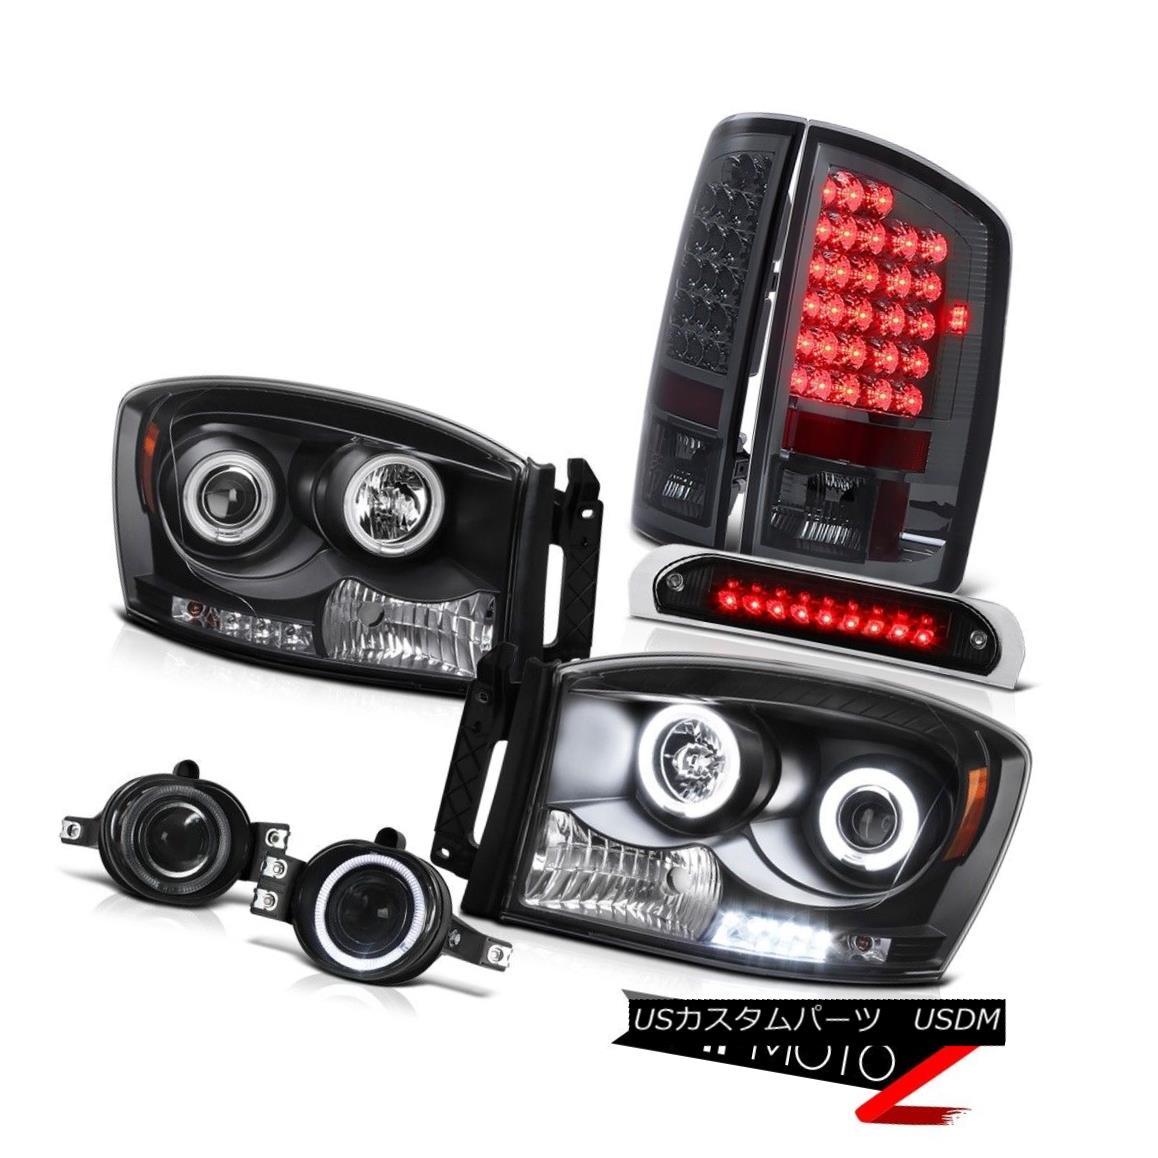 ヘッドライト Devil's Eye CCFL Headlights Smoke Tail Lights LED Glass Fog Brake 2006 Ram 2500 悪魔の目CCFLヘッドライト煙テールライトLEDガラスフォグブレーキ2006 Ram 2500